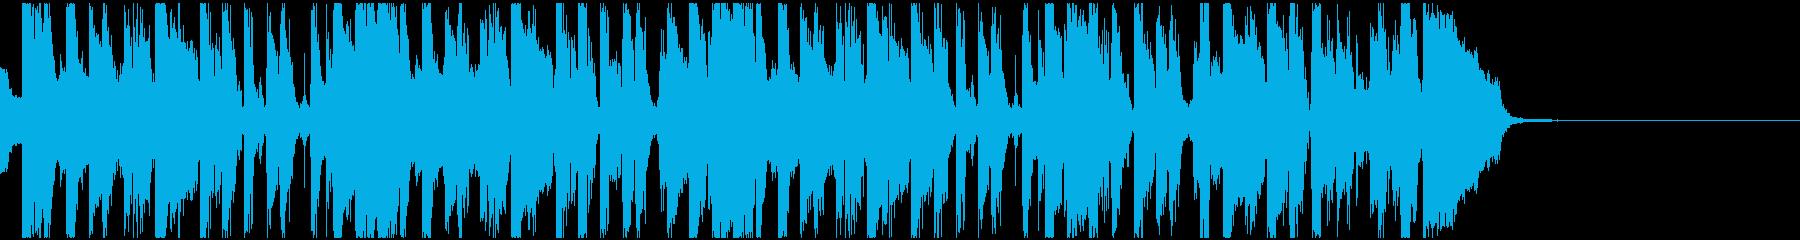 FUNKなオープニング曲の再生済みの波形